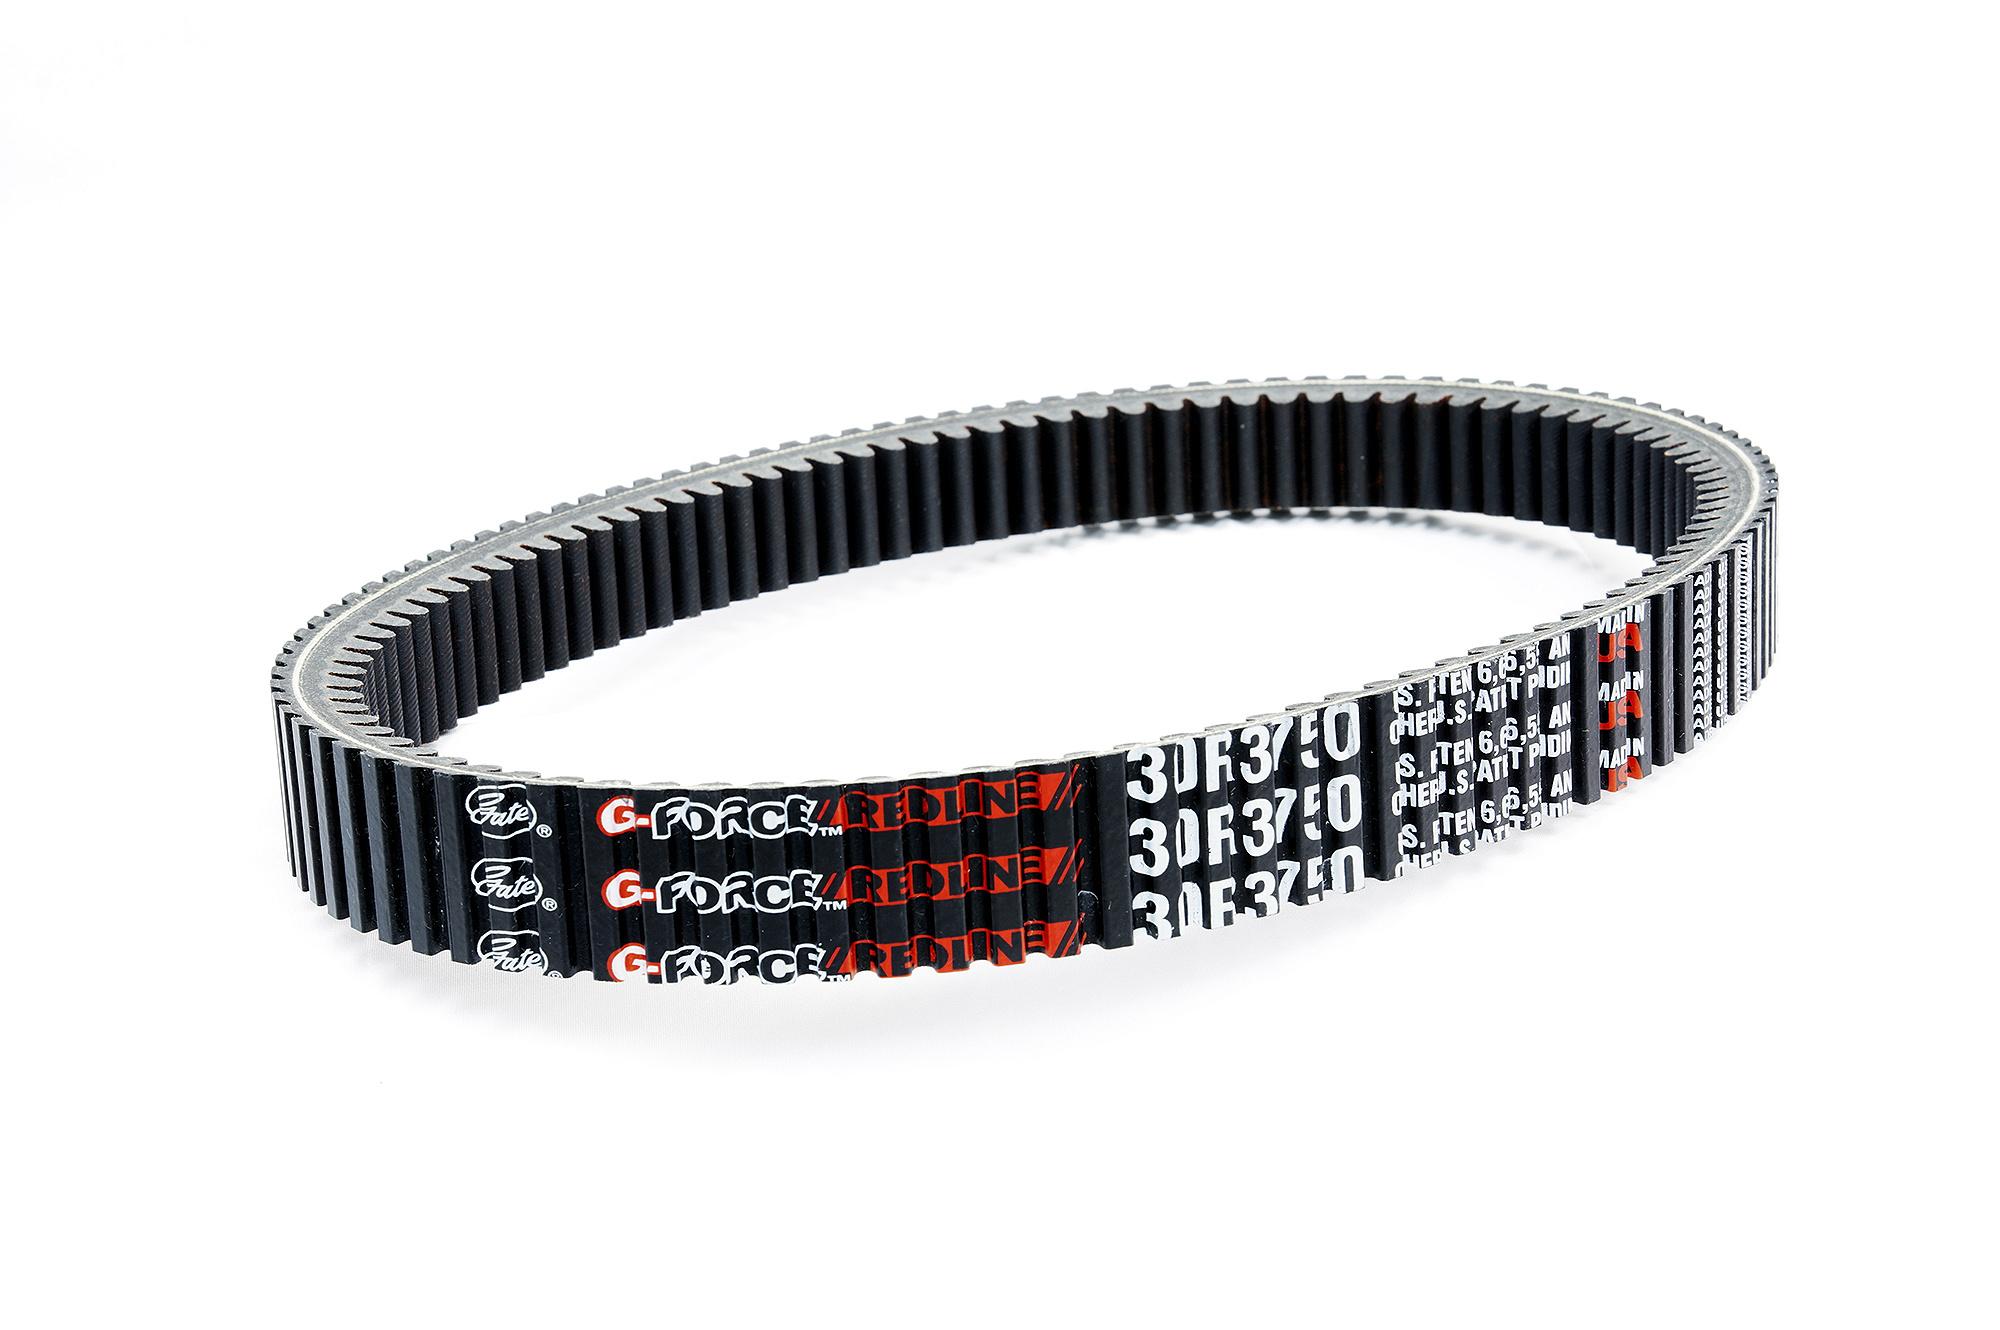 1400 Length 17 mm x 1400 mm 17 Width D/&D PowerDrive XPB1400 V Belt